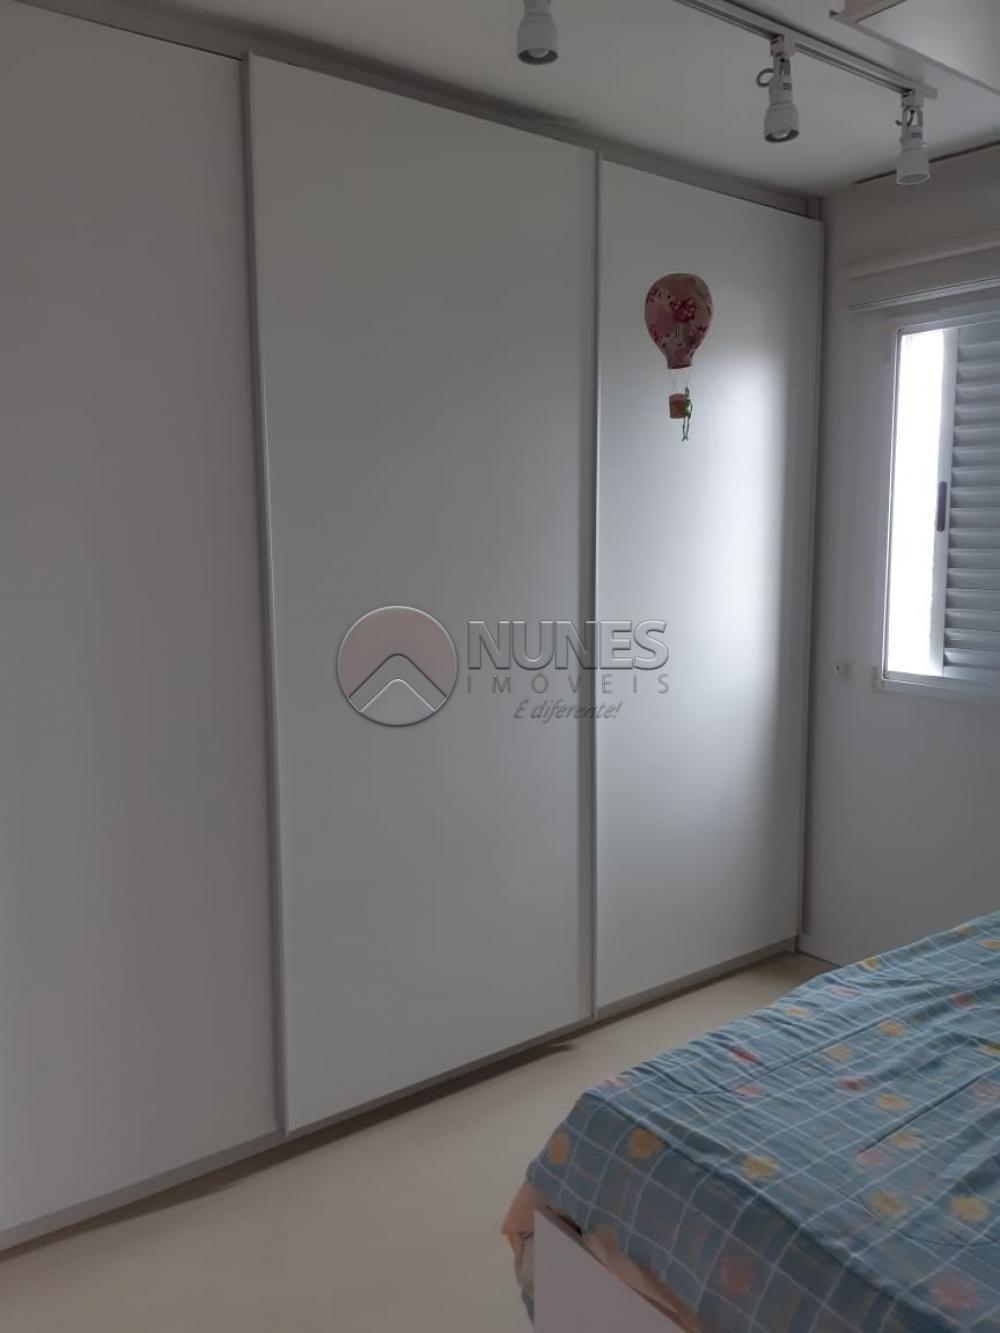 Comprar Apartamento / Padrão em São Paulo apenas R$ 550.000,00 - Foto 13